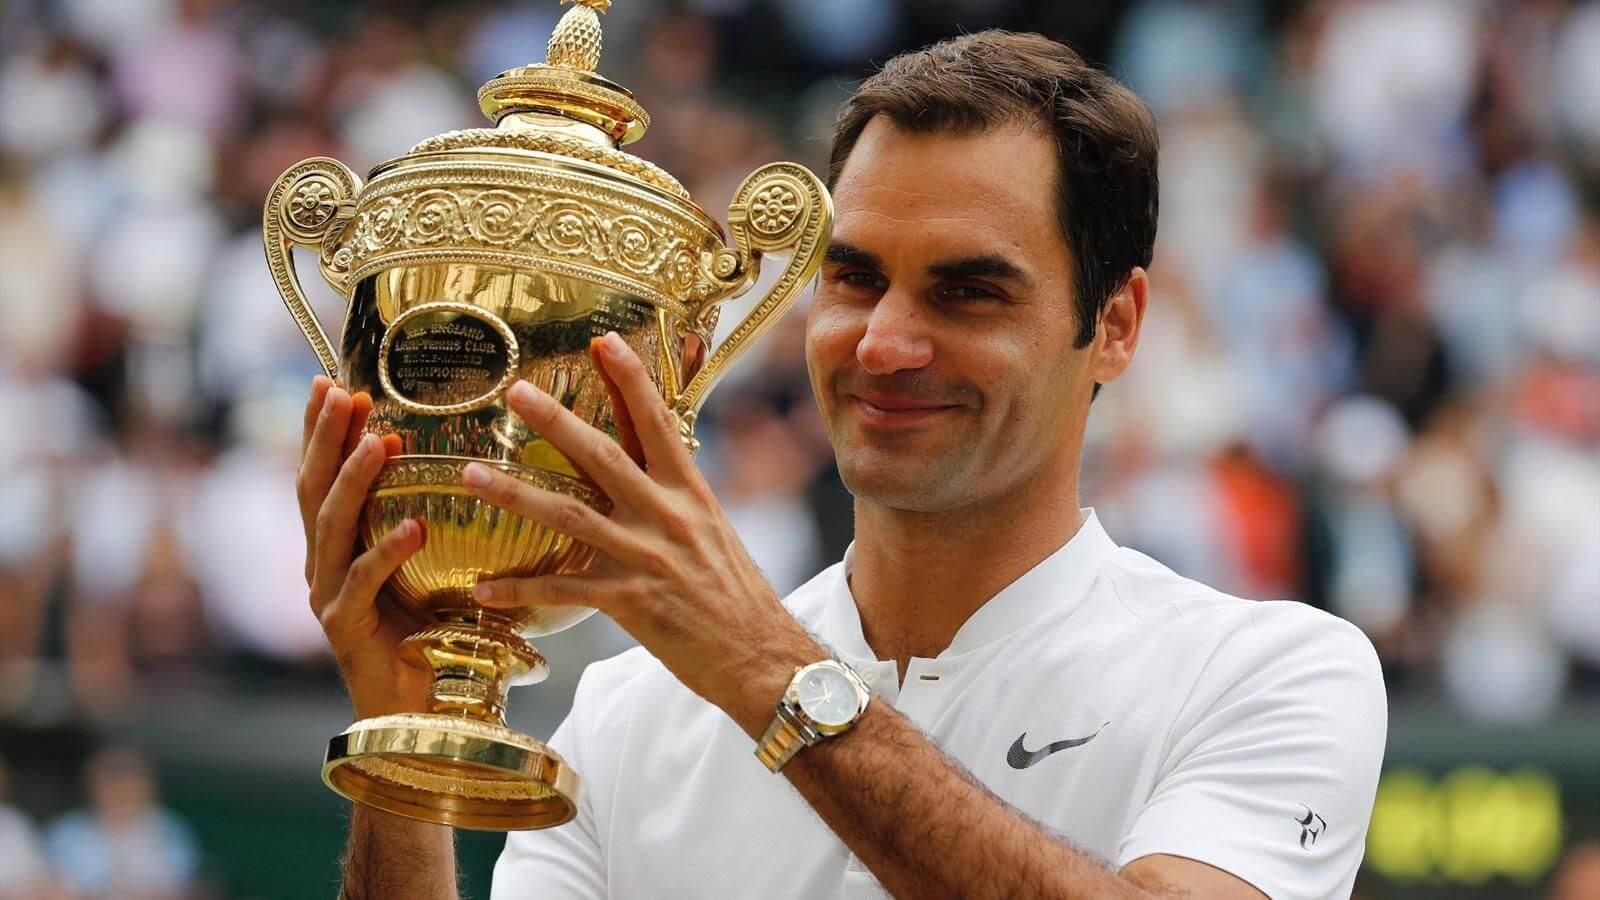 Роджер Федерер выиграл в номинации «спортсмен года» в Швейцарии